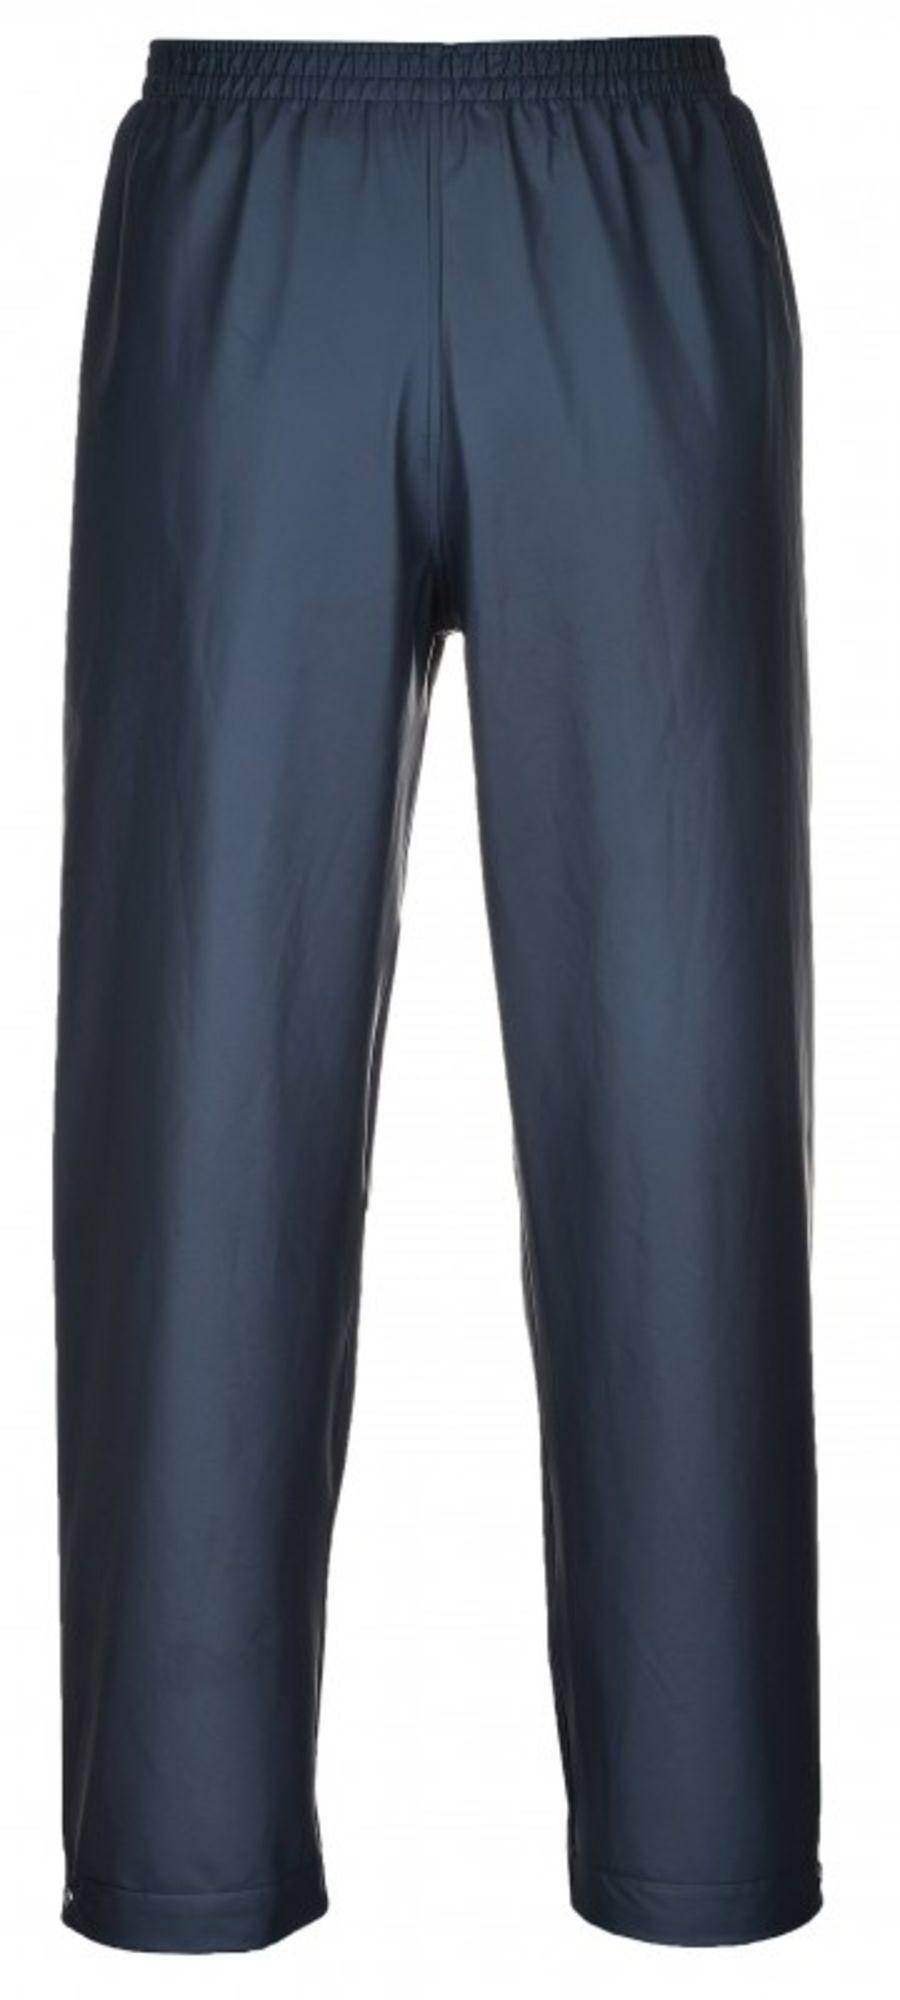 Portwest Sealtex Air Trousers